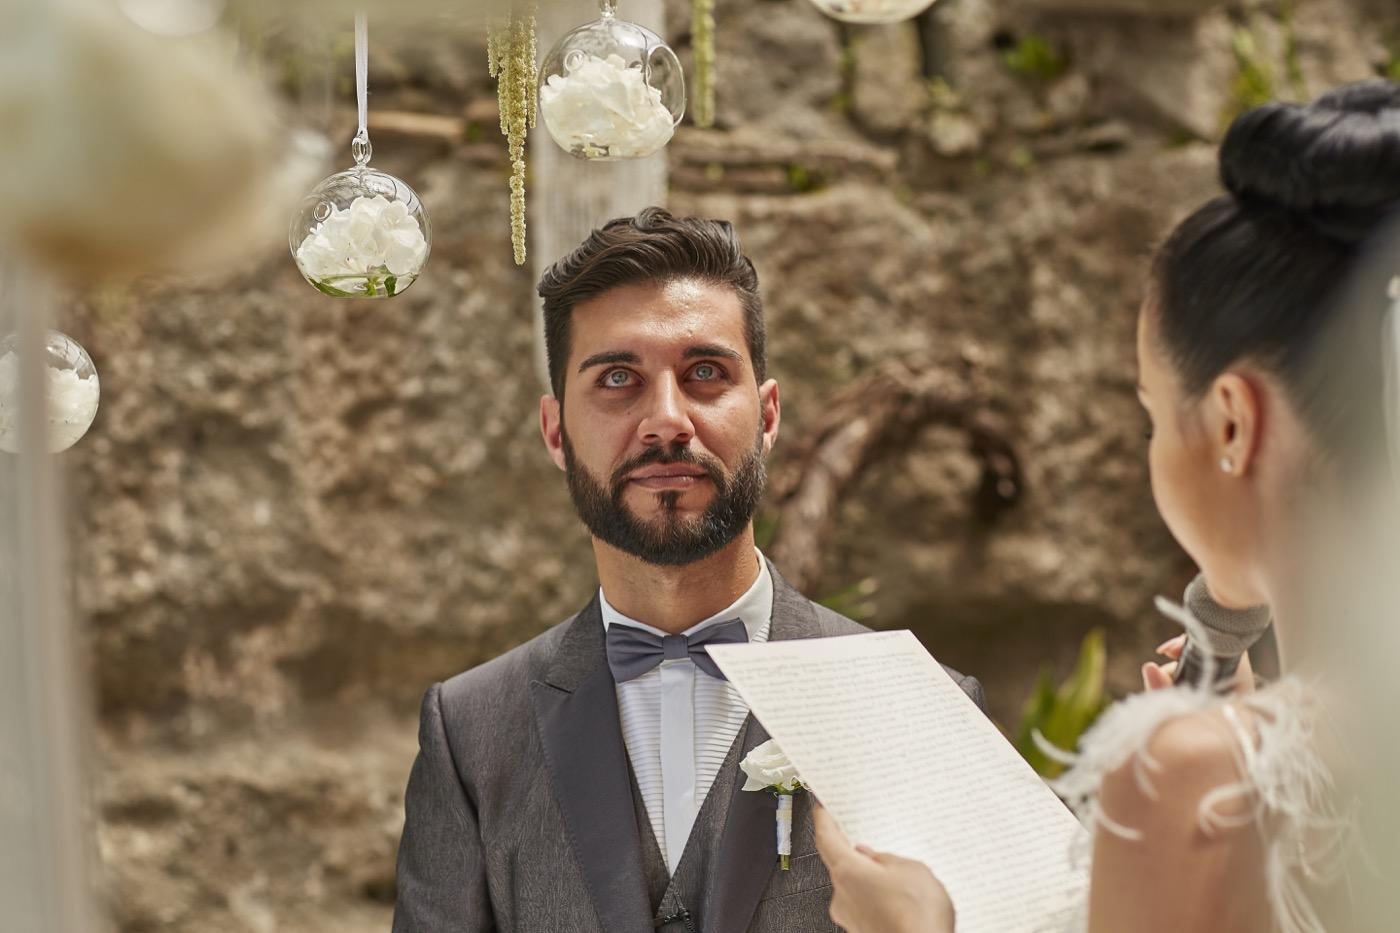 Claudio-Coppola-wedding-photographer-villa-del-cardinale-rocca-di-papa-castel-gandolfo-37